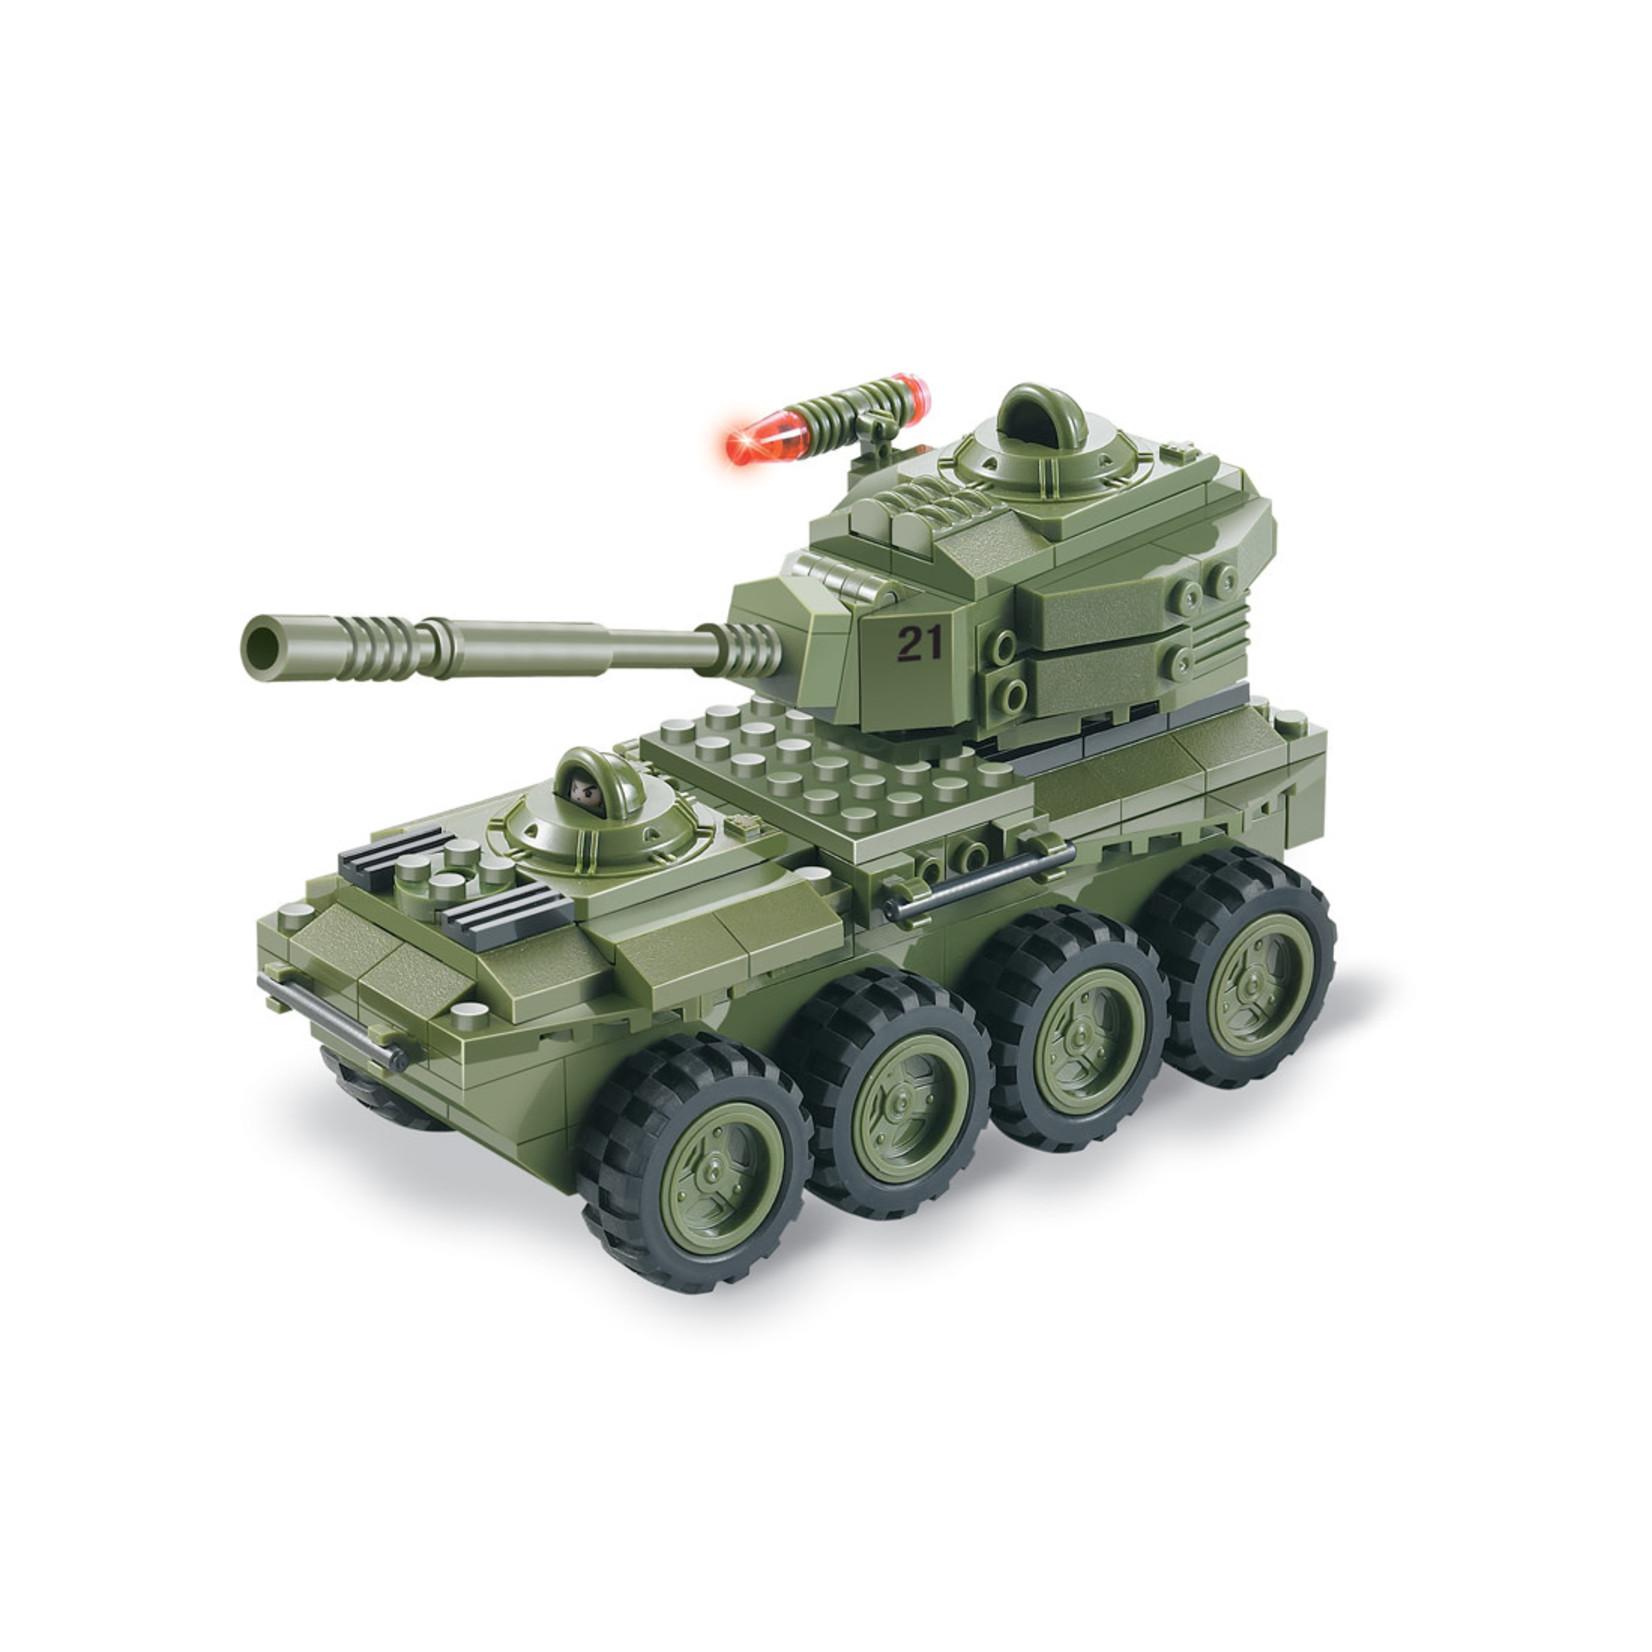 Brictek Army: 8-wheeler tank